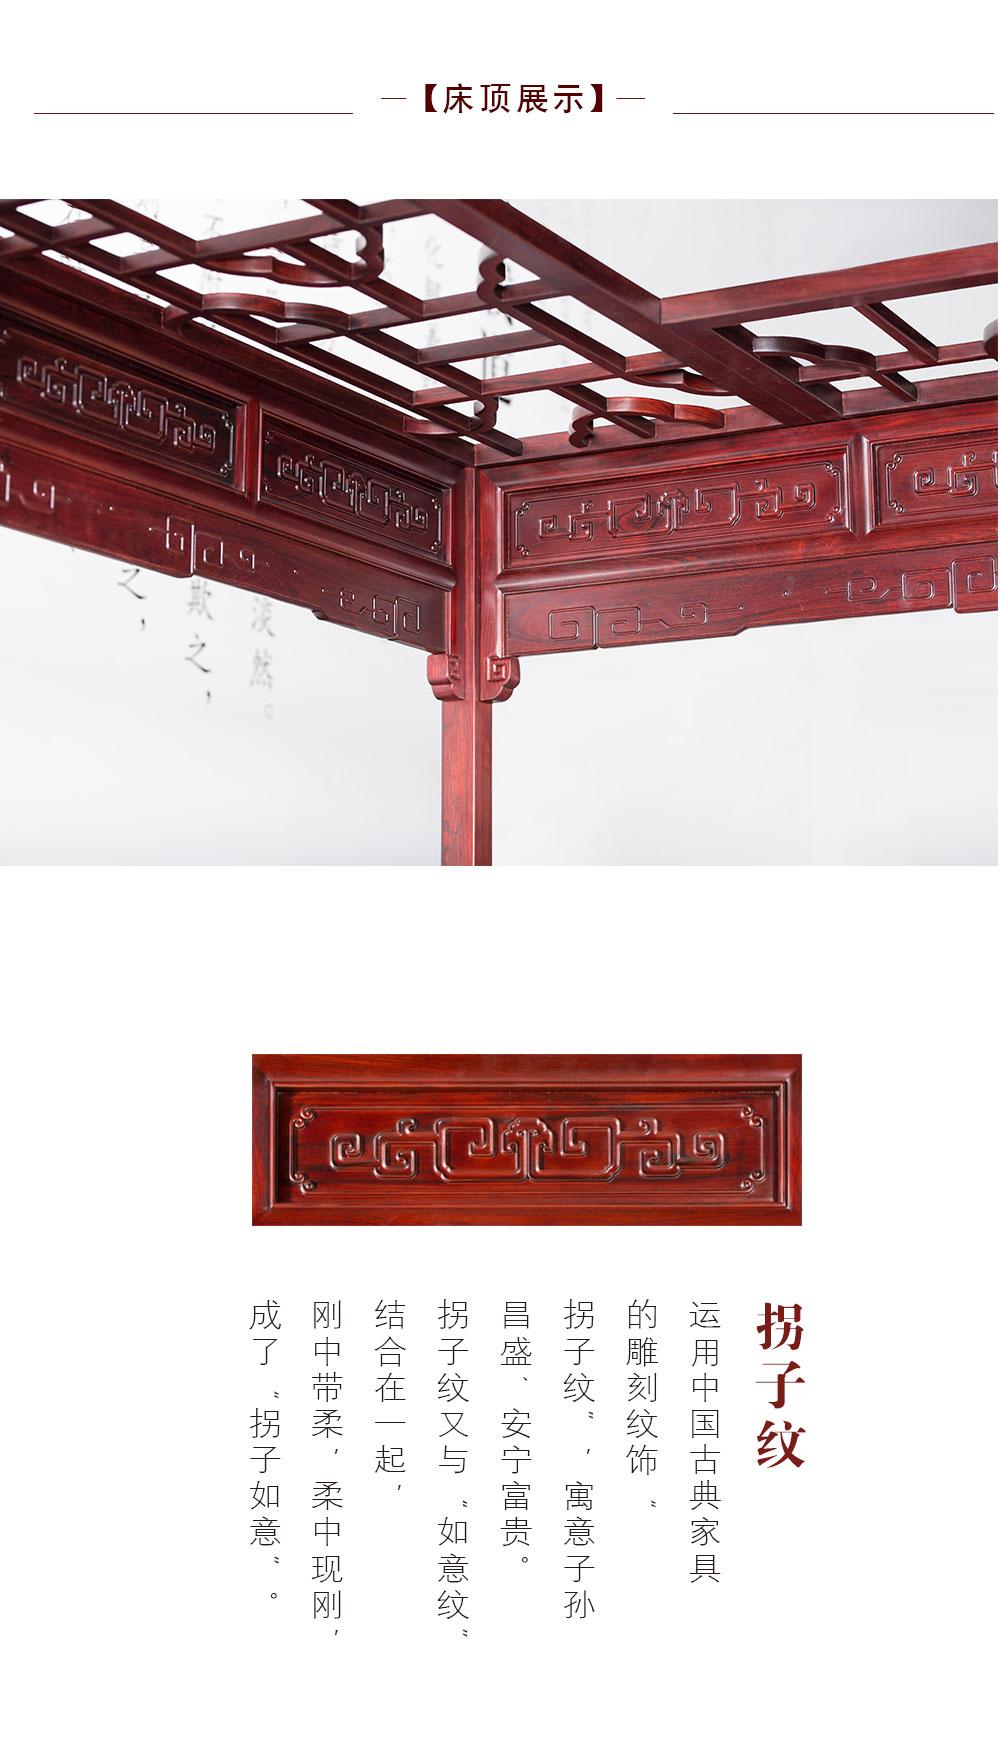 五福临门架子床_05.jpg